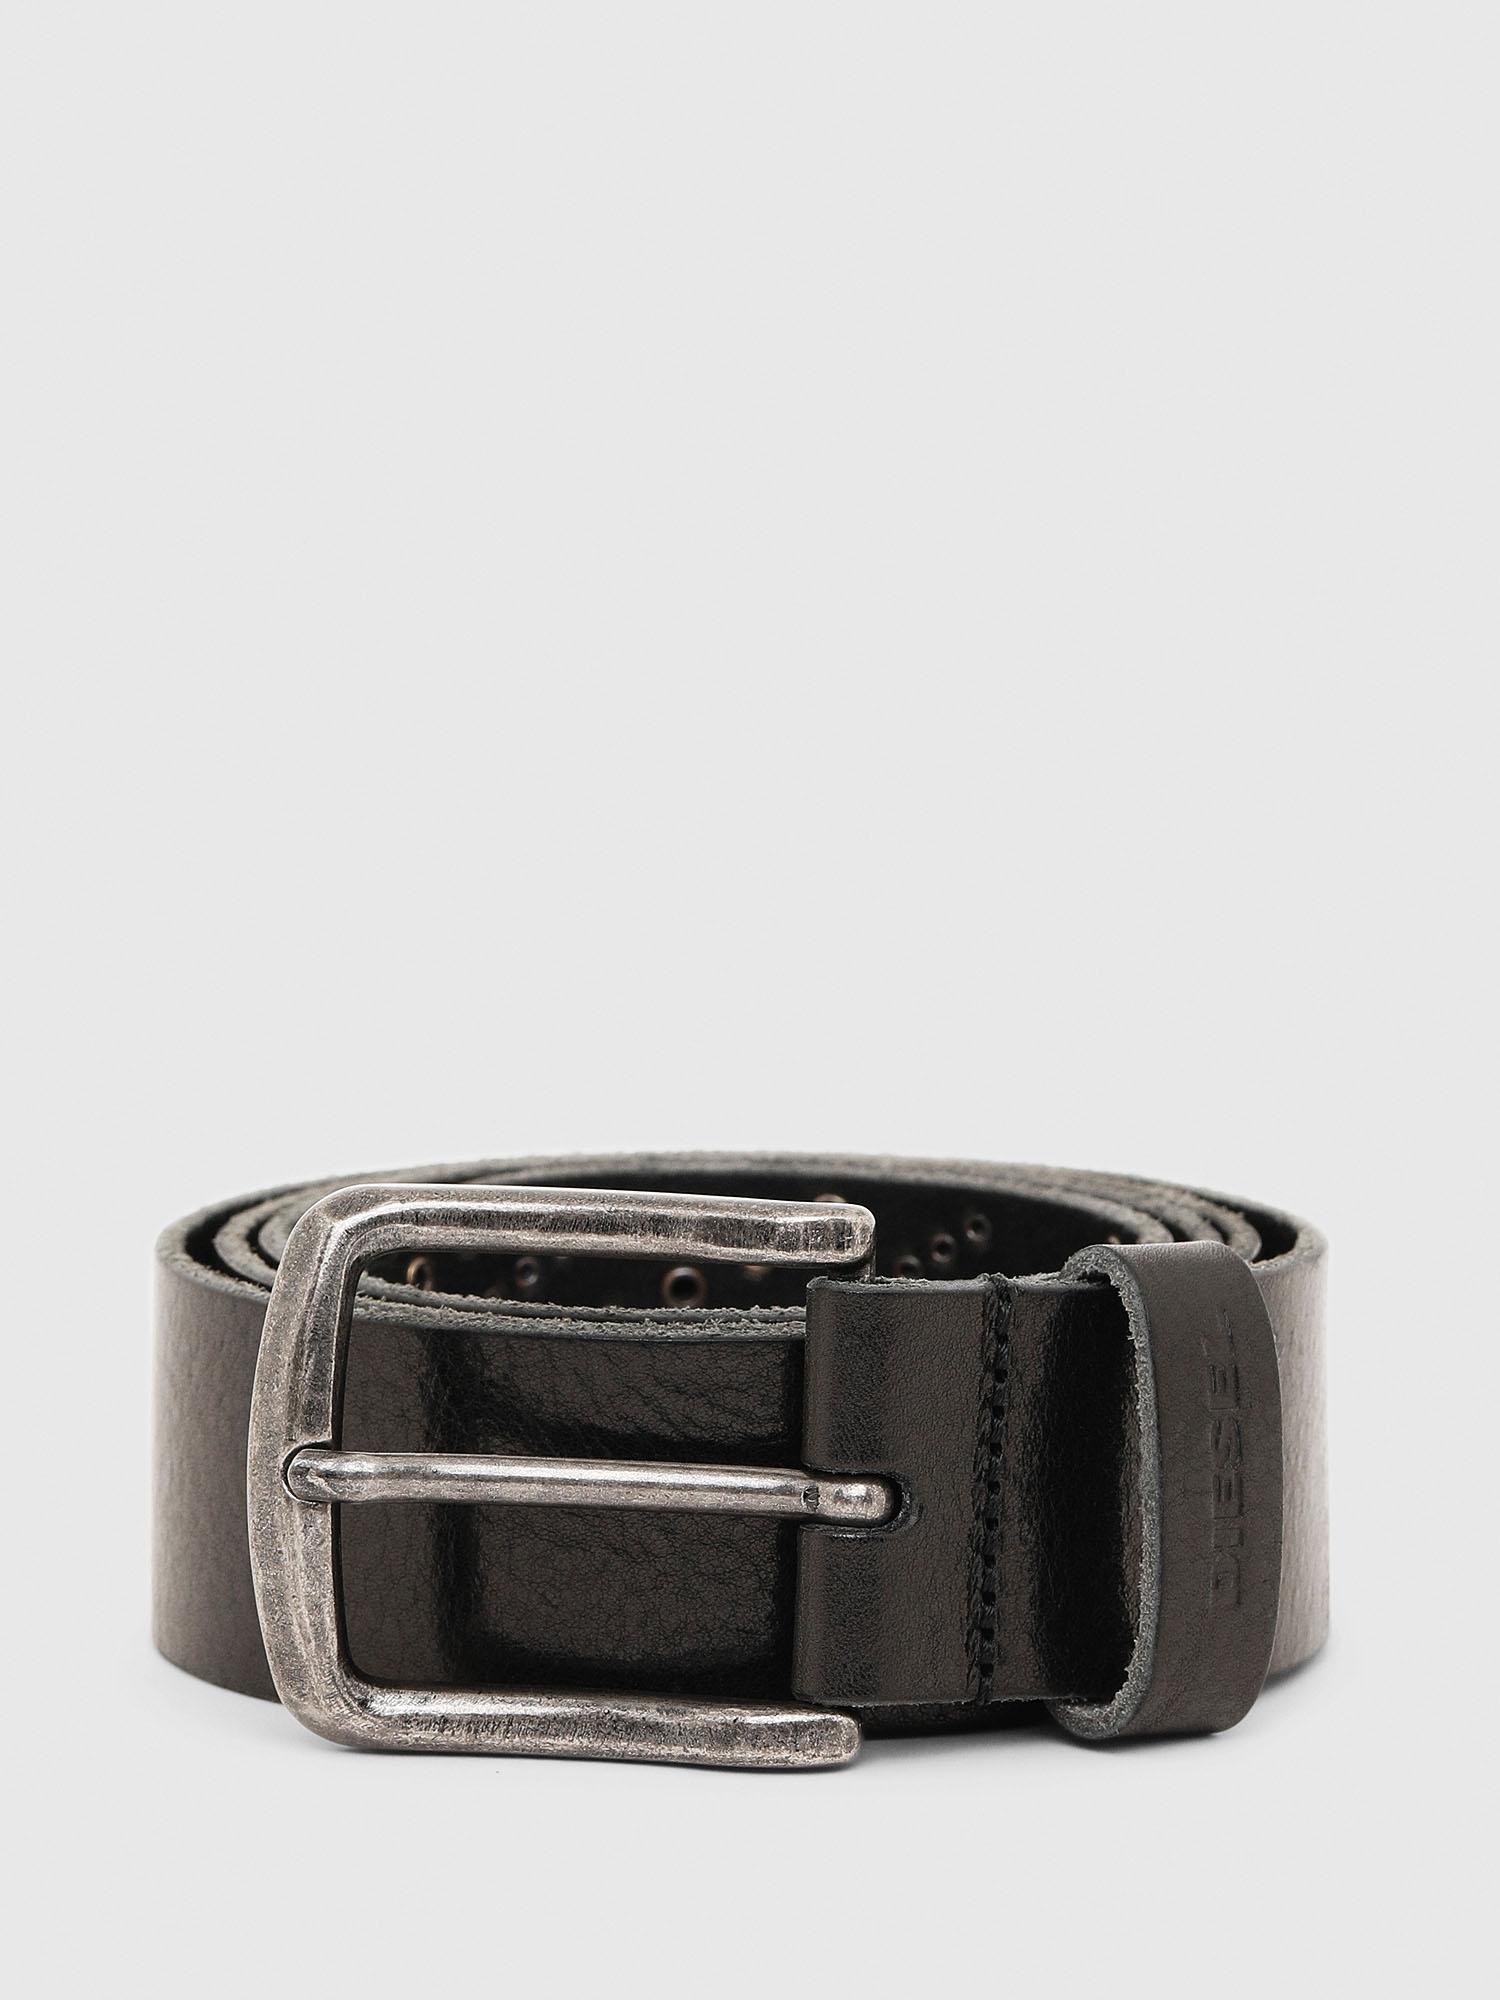 Diesel Belts P0762 - Black - 100